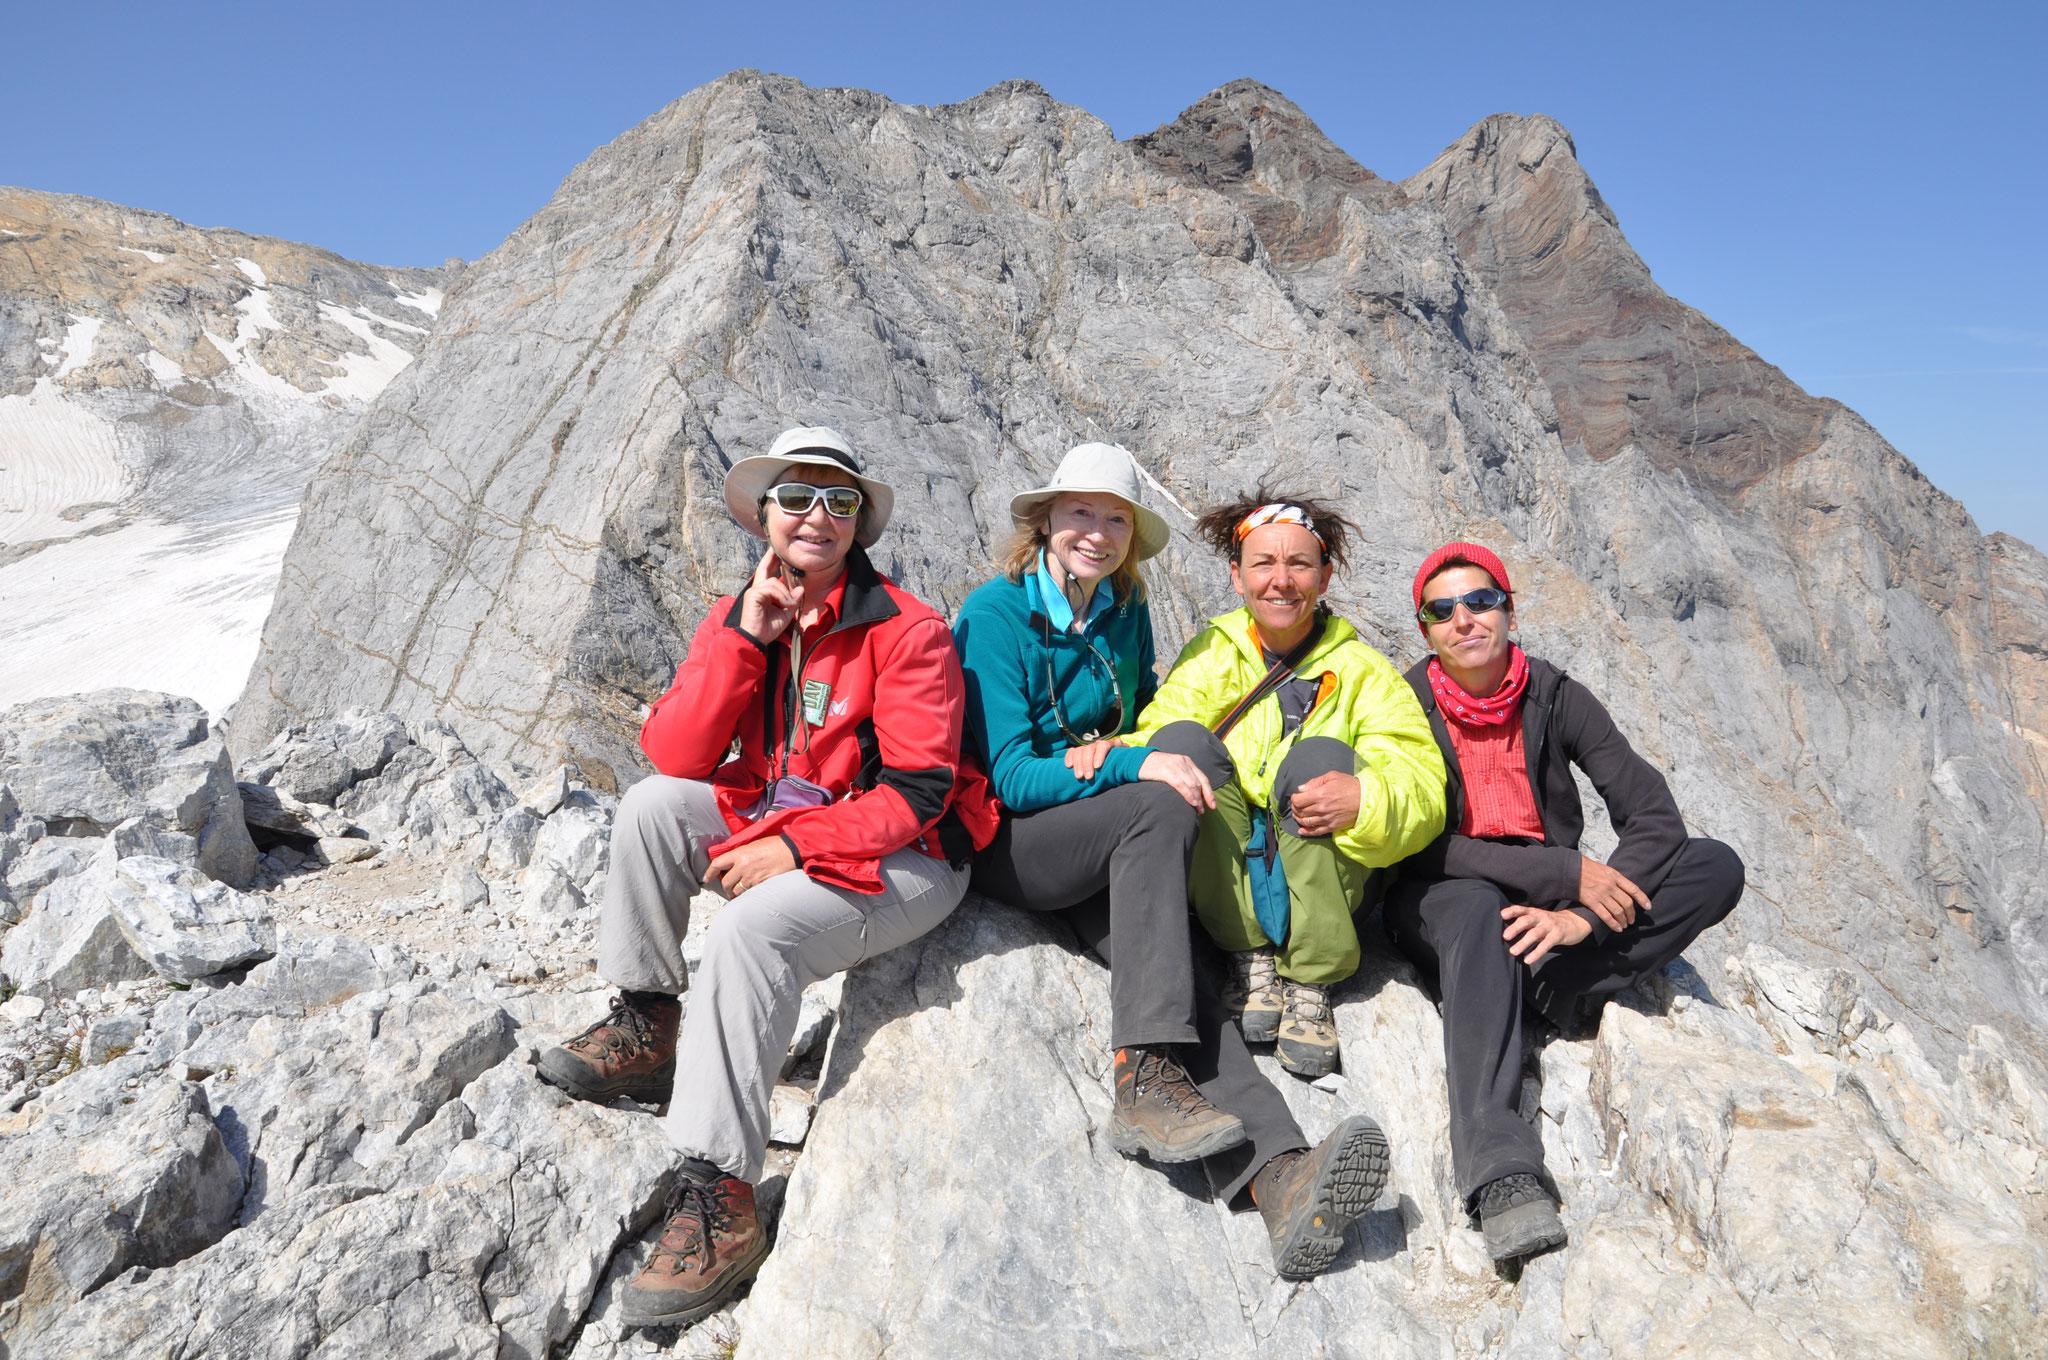 Petit Vignemale Pyrénnées Gipfel Trekking pour une agence allemande